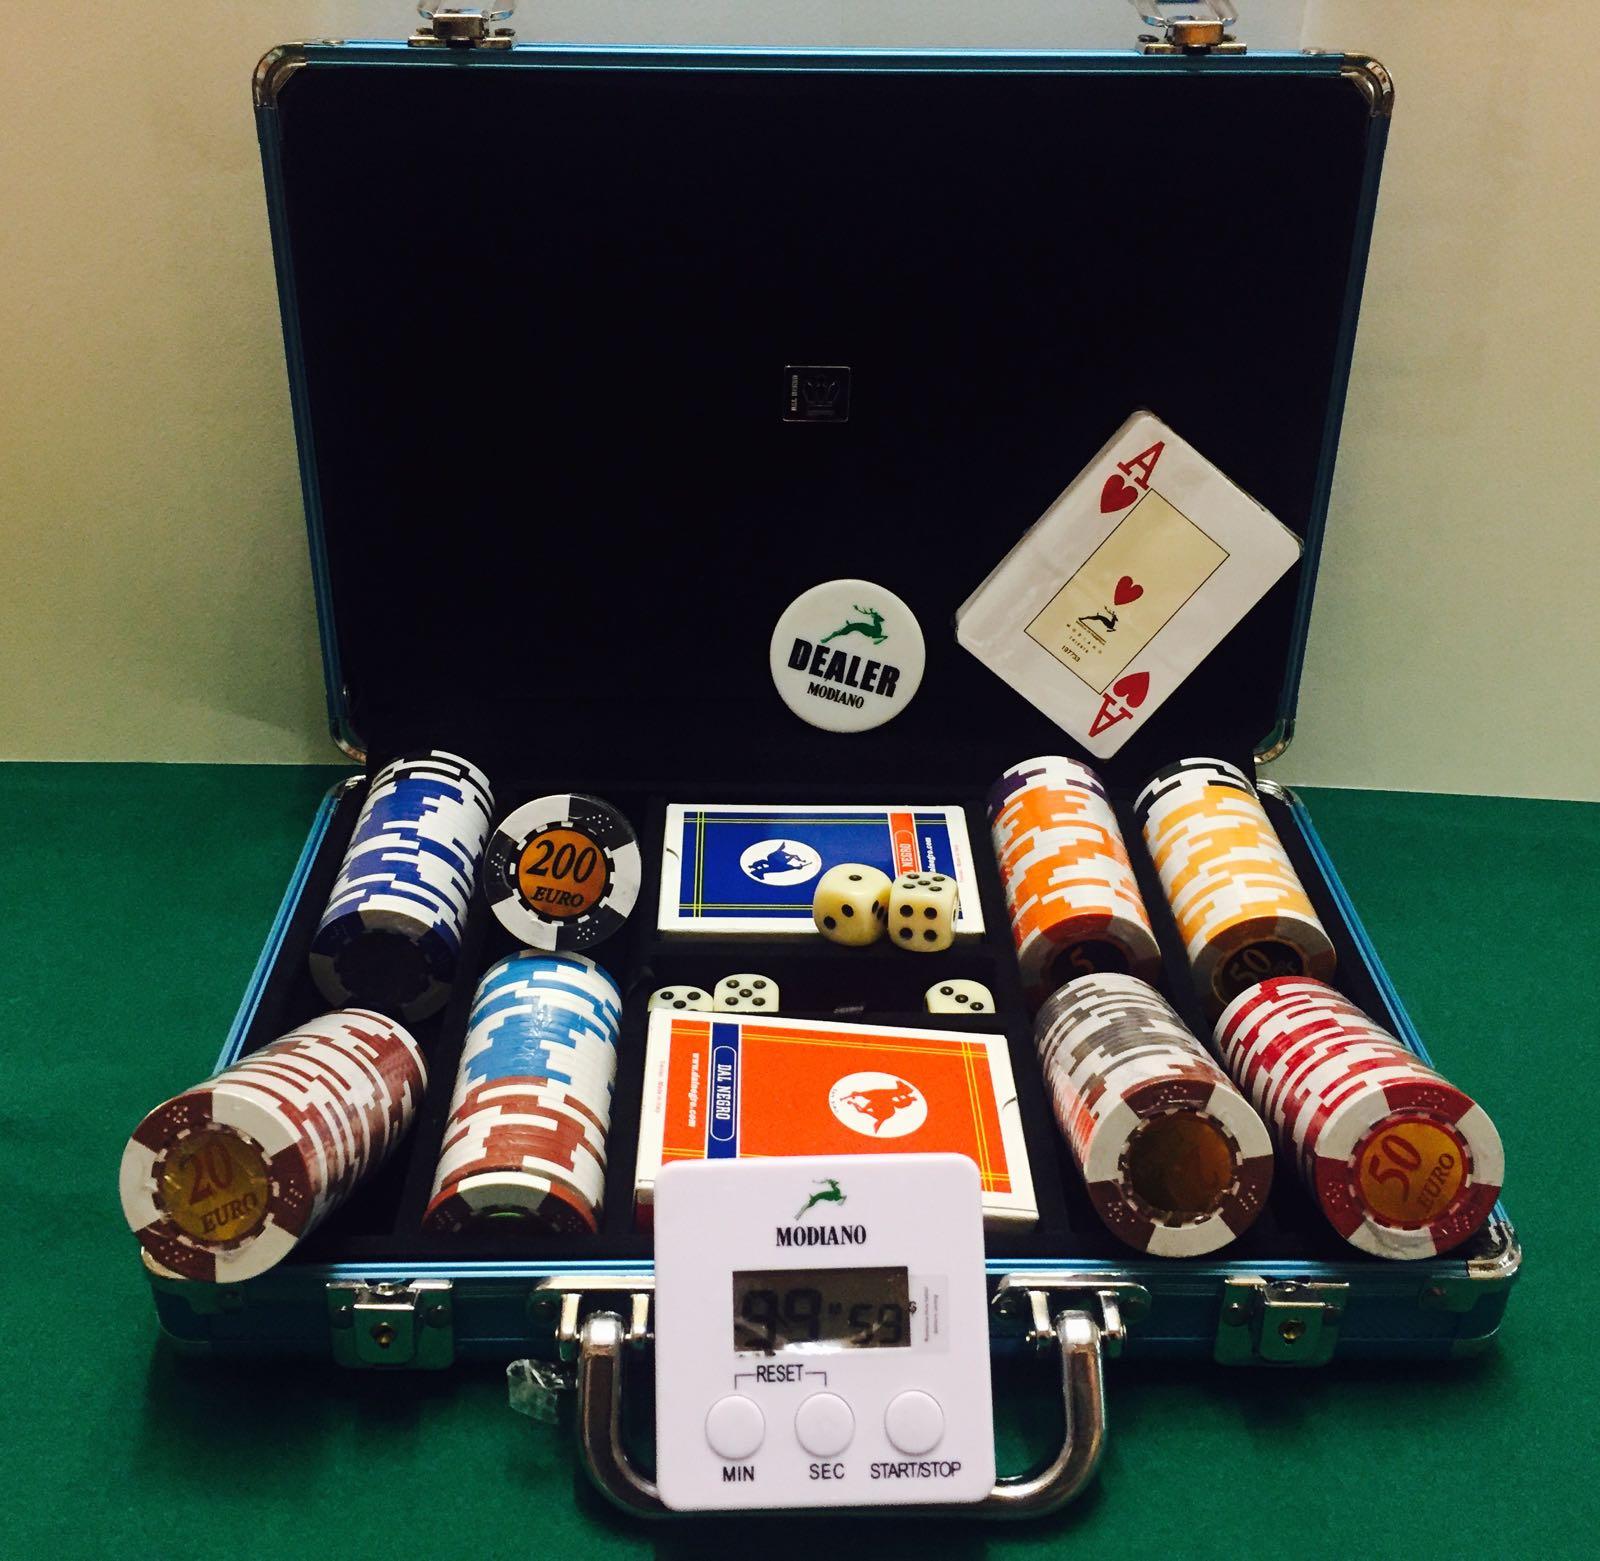 valigetta con carte e fiches da poker